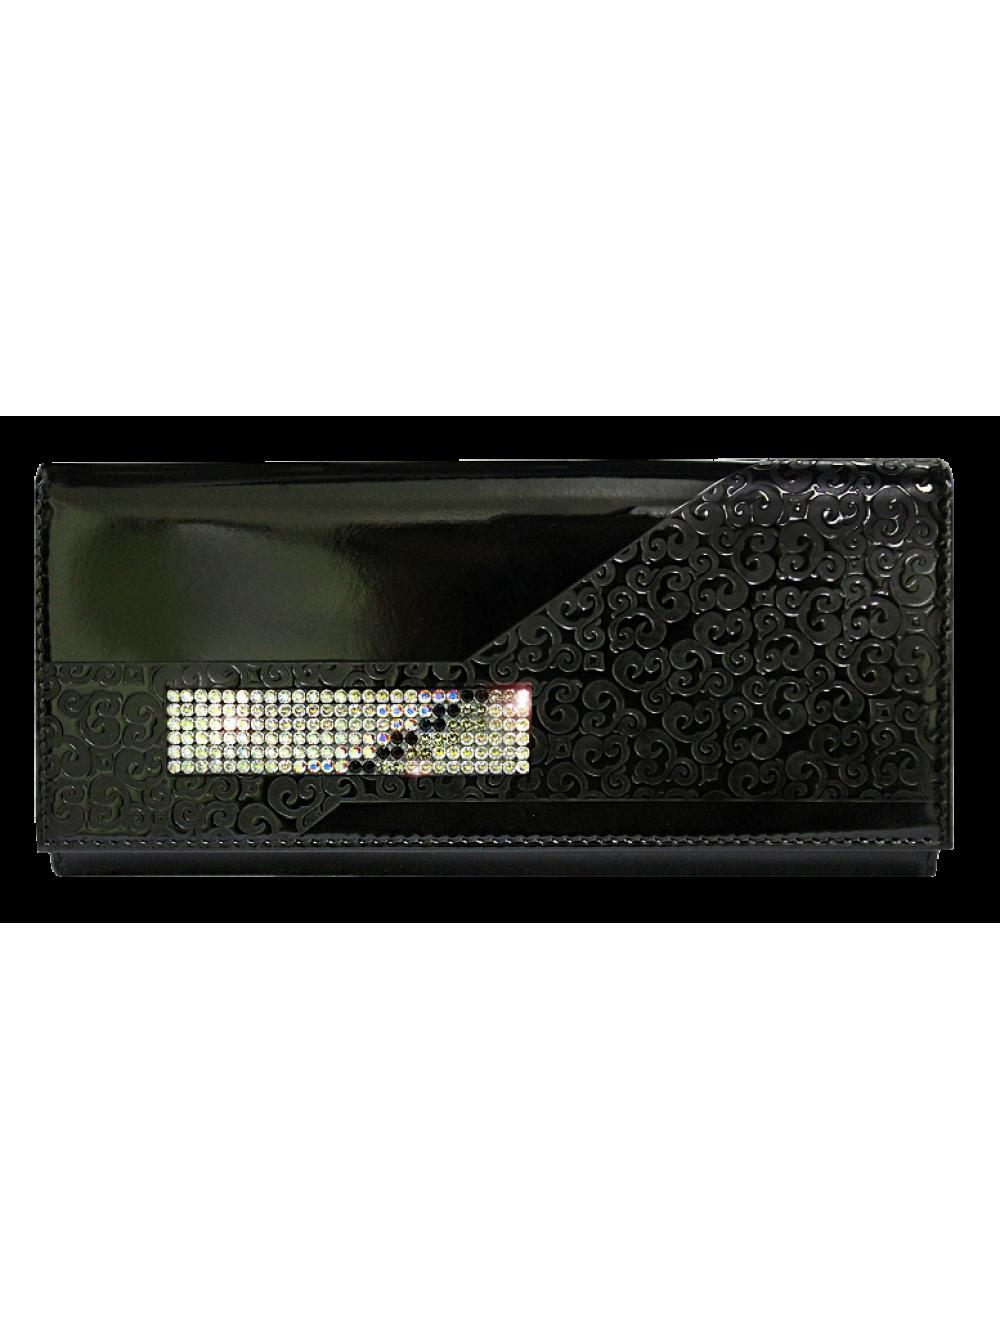 4b2a18441d79 Купить Женский кошелек кожаный ВП-14 escala black Kniksen в Санкт ...